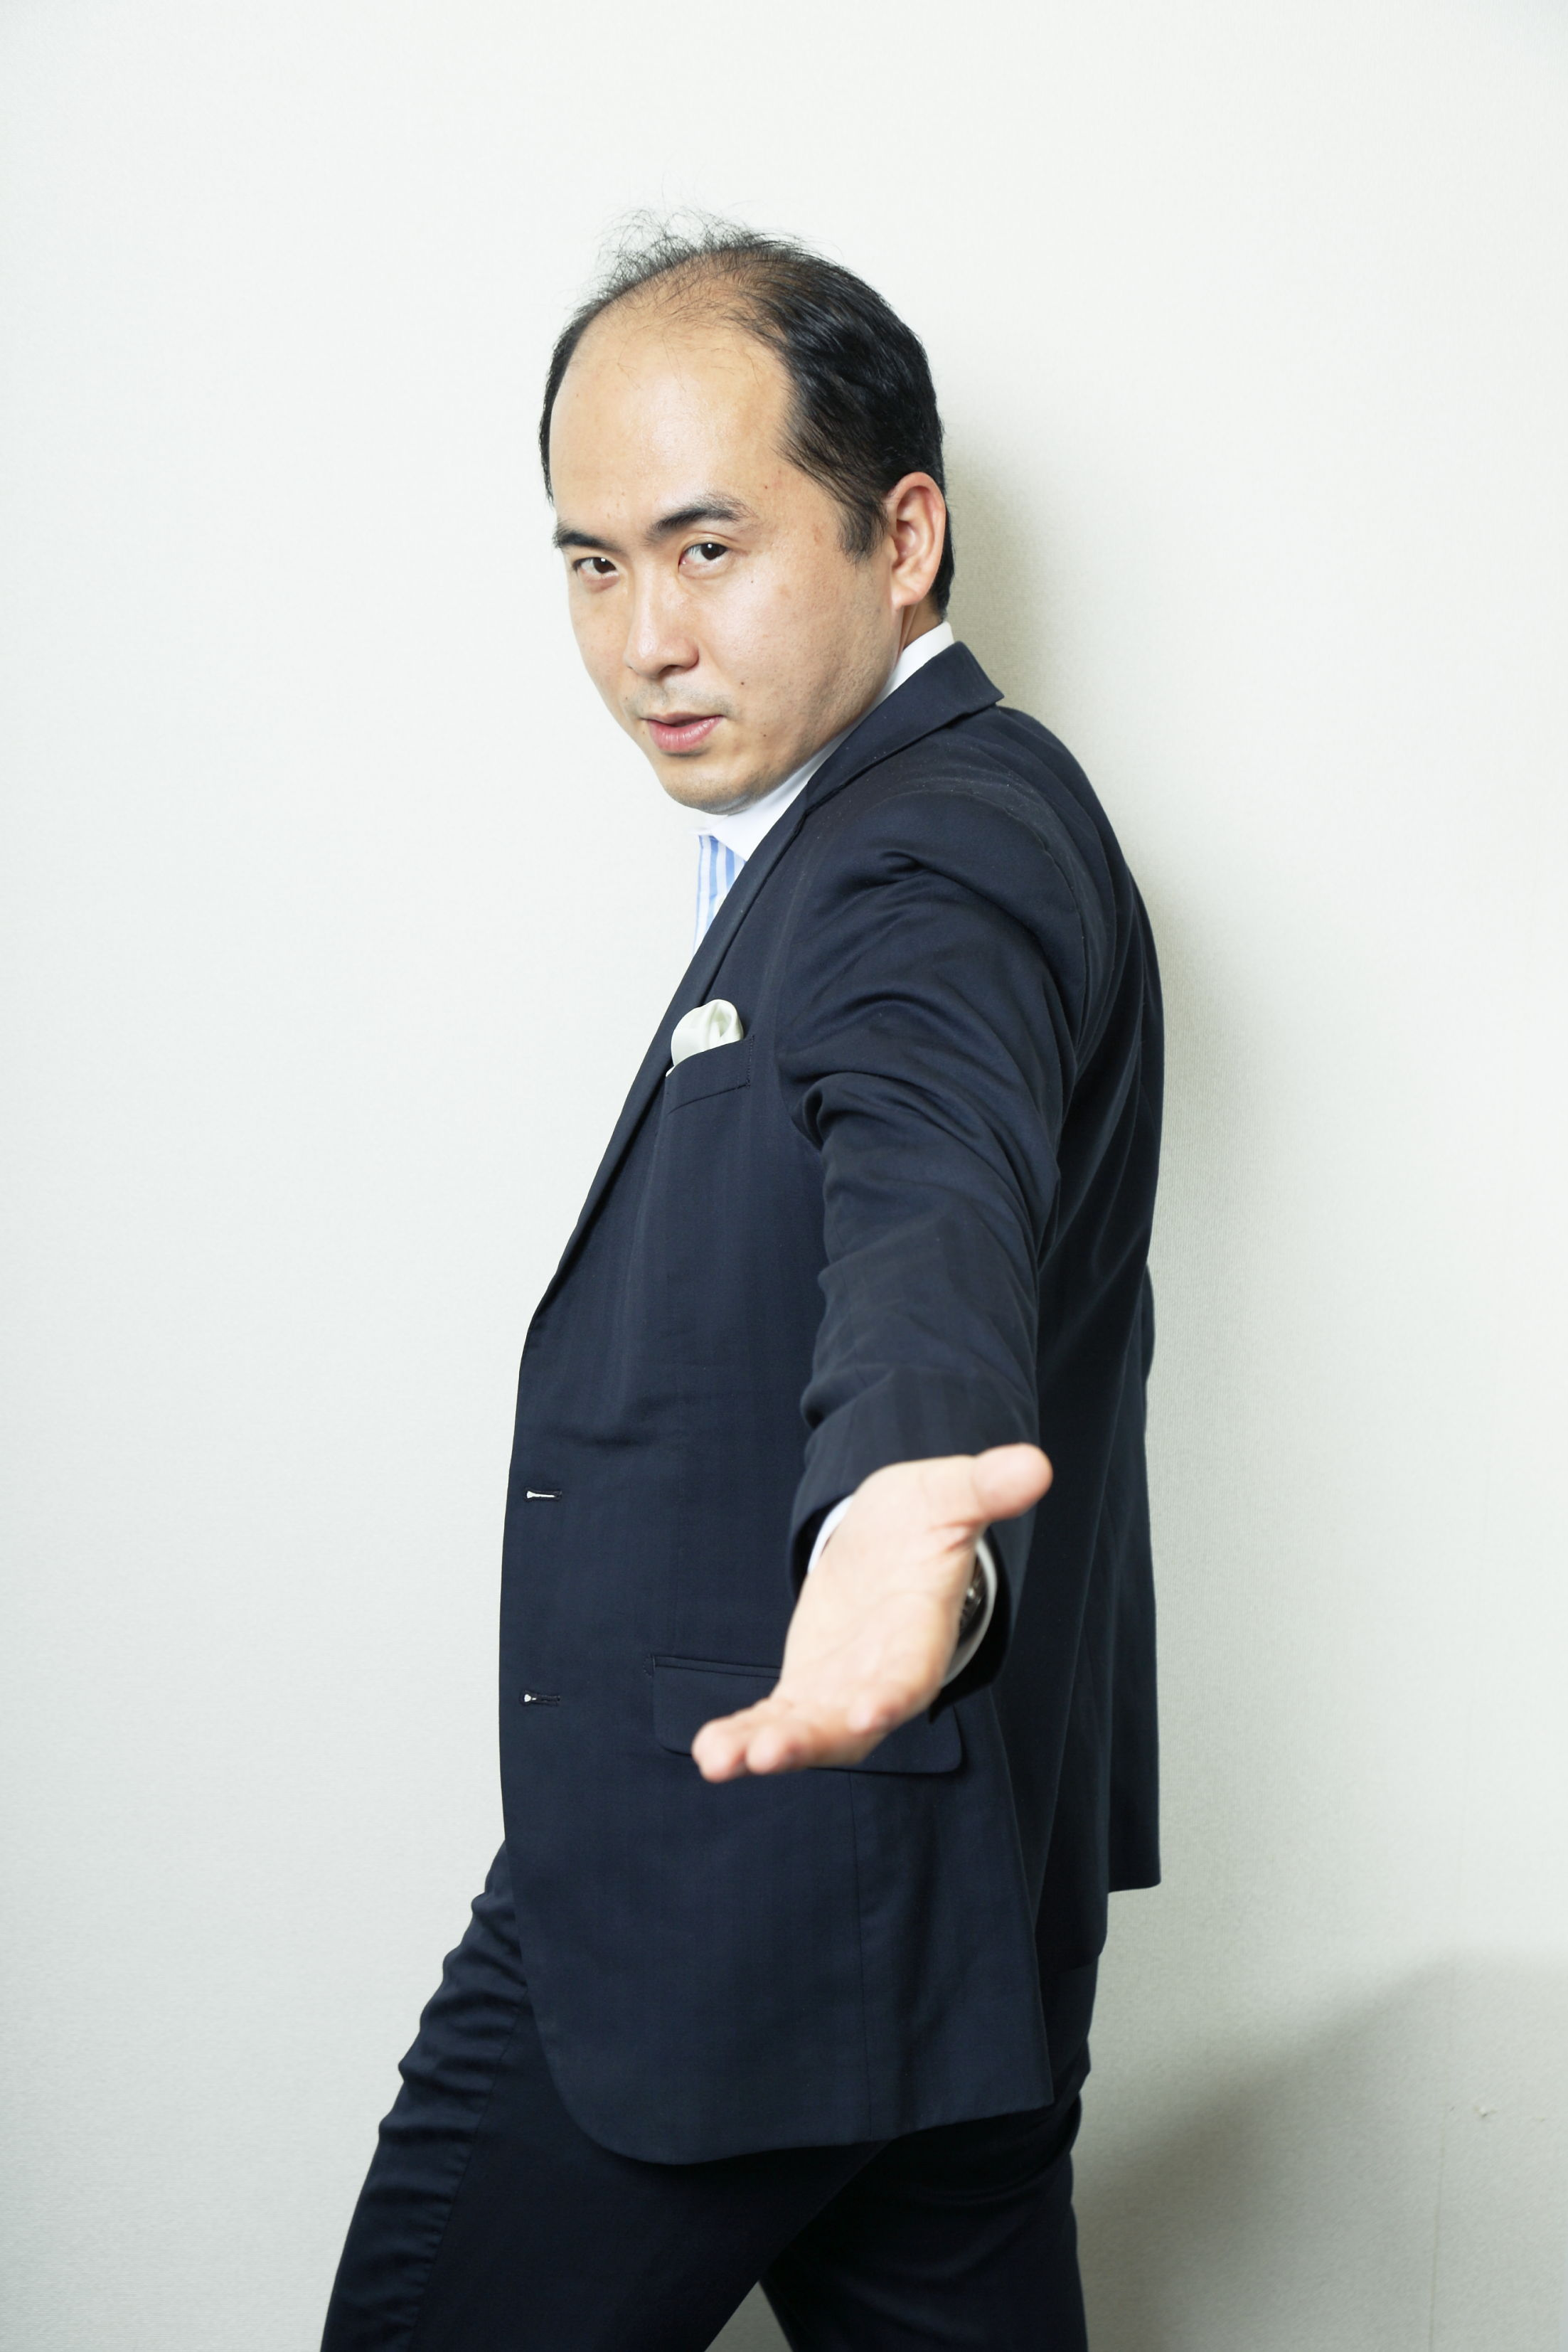 トレエン斎藤、好きなタイプは「いつも男友達を引き連れてそうな子」 芸能人で言えば断然…